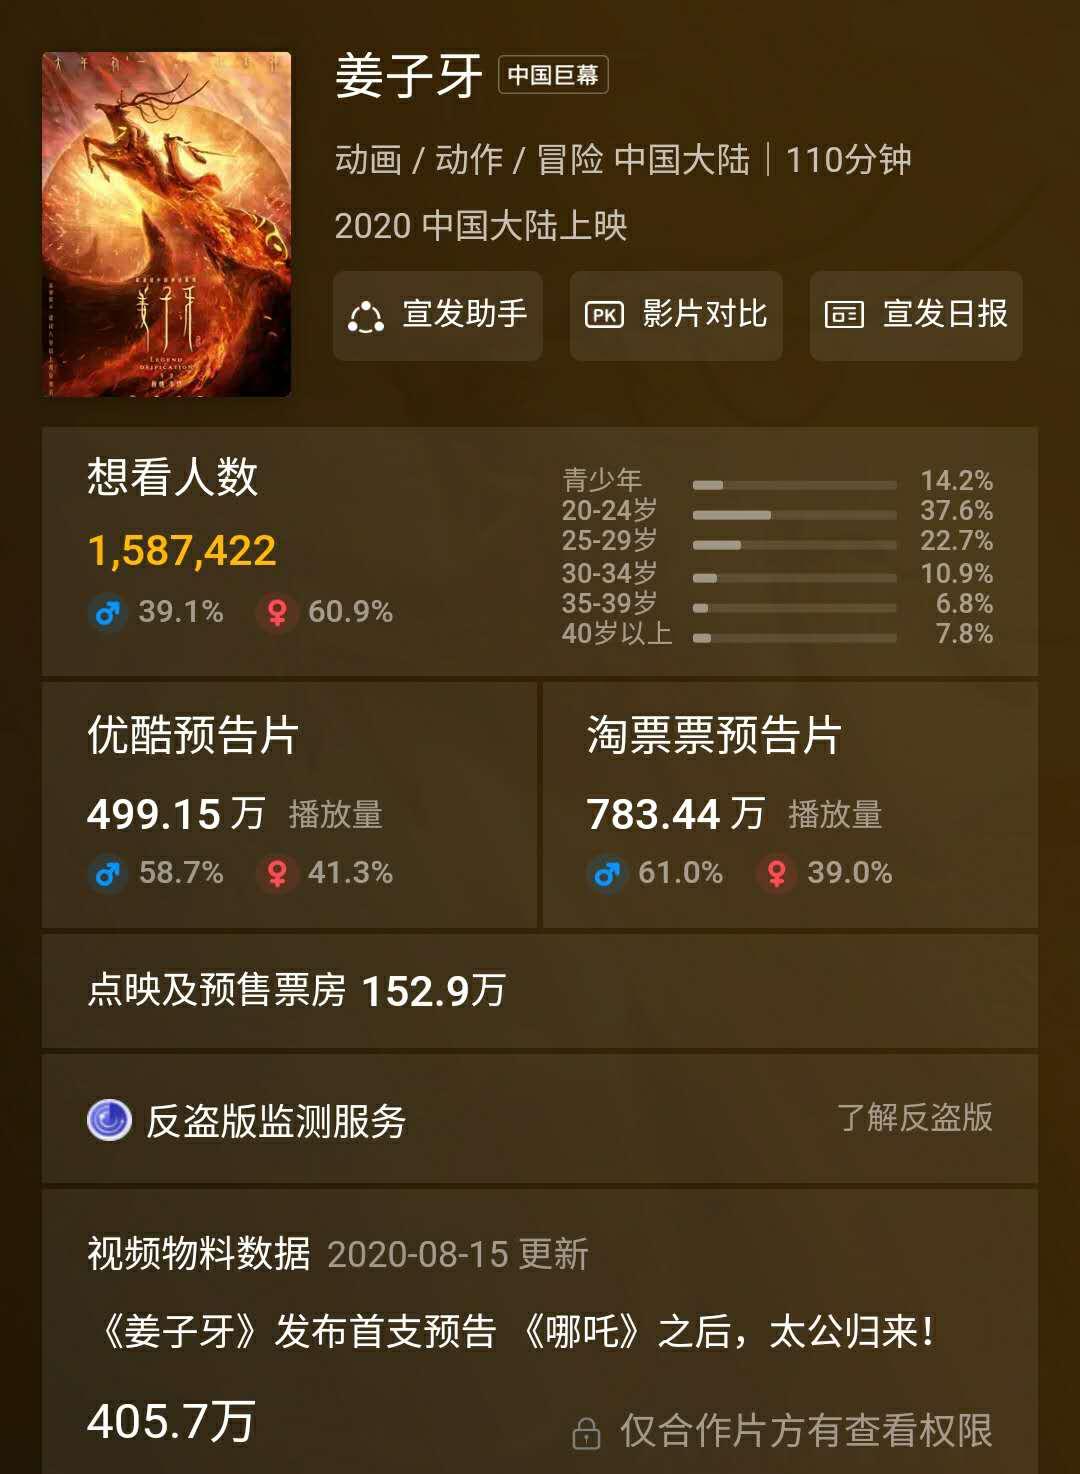 春节档推迟影片终于回来了!《姜子牙》定档,270万人想看插图(3)